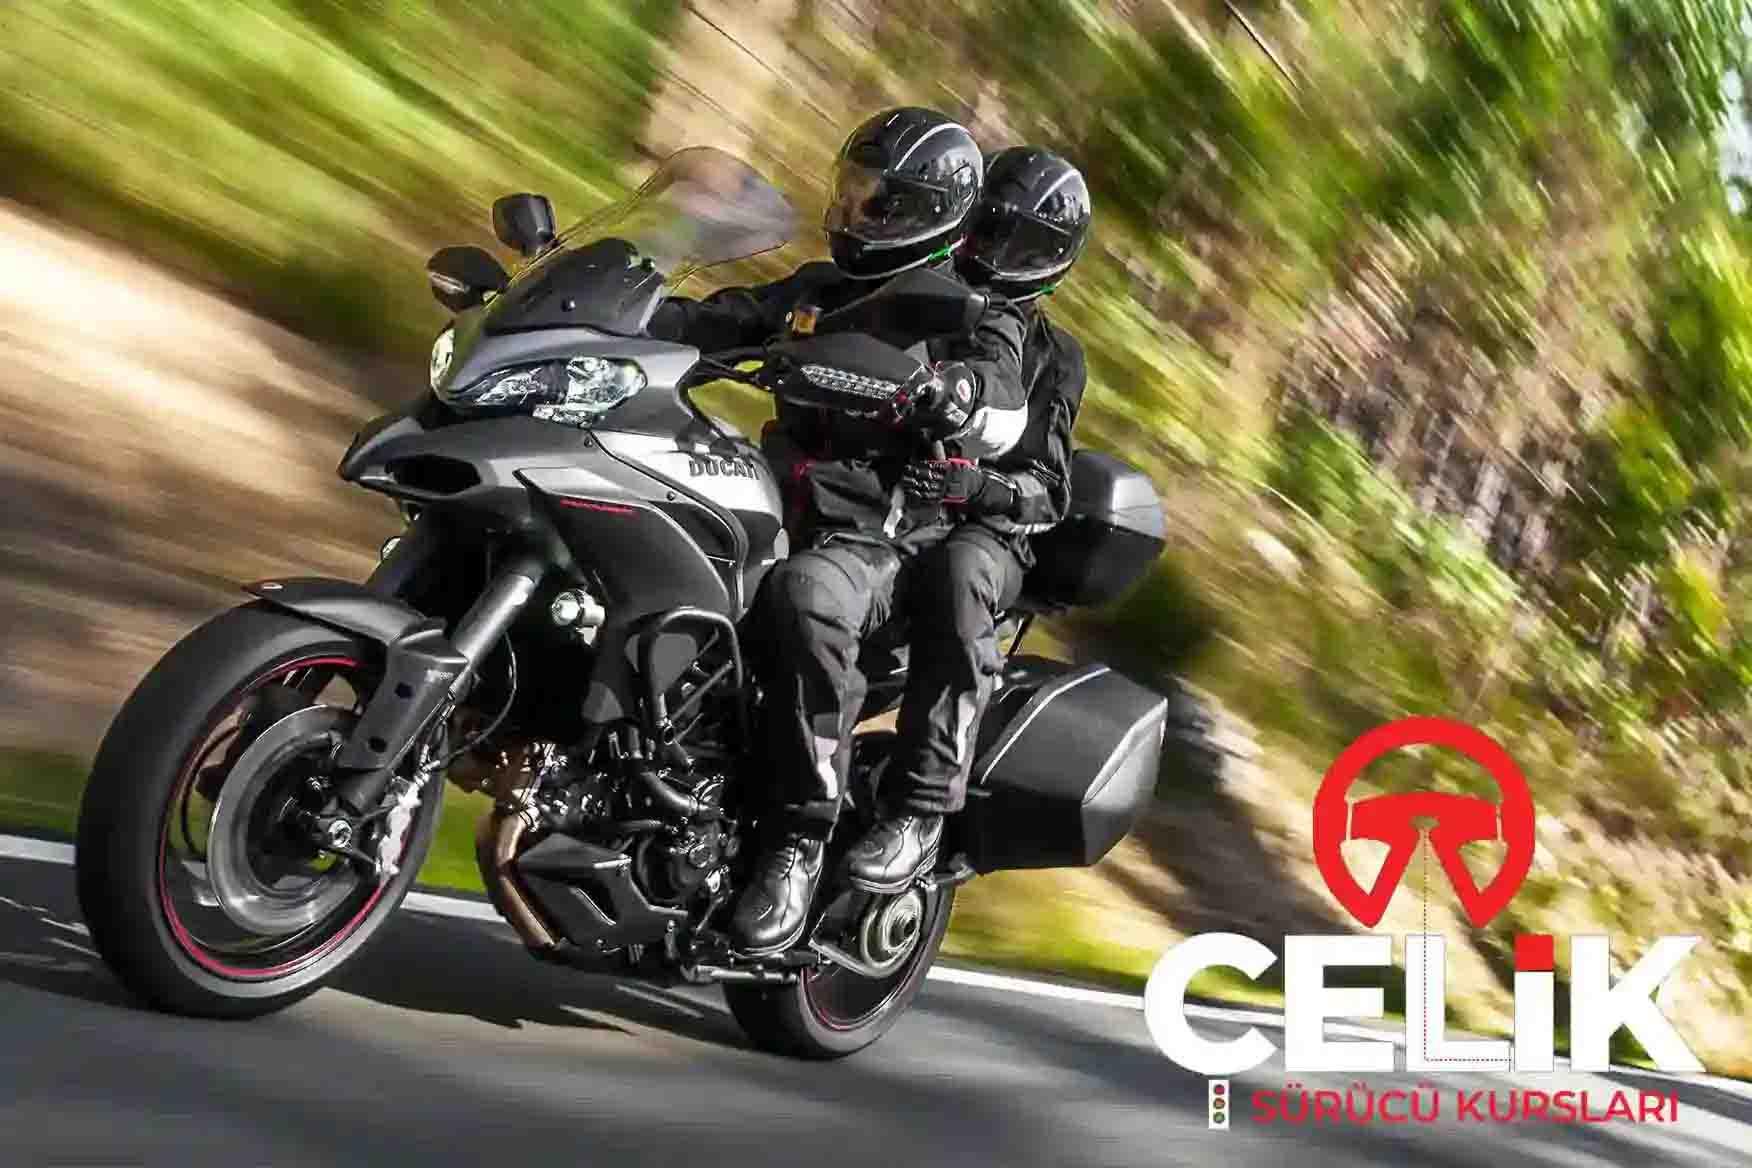 çelik sürücü kursua2 motorsikletdusuk